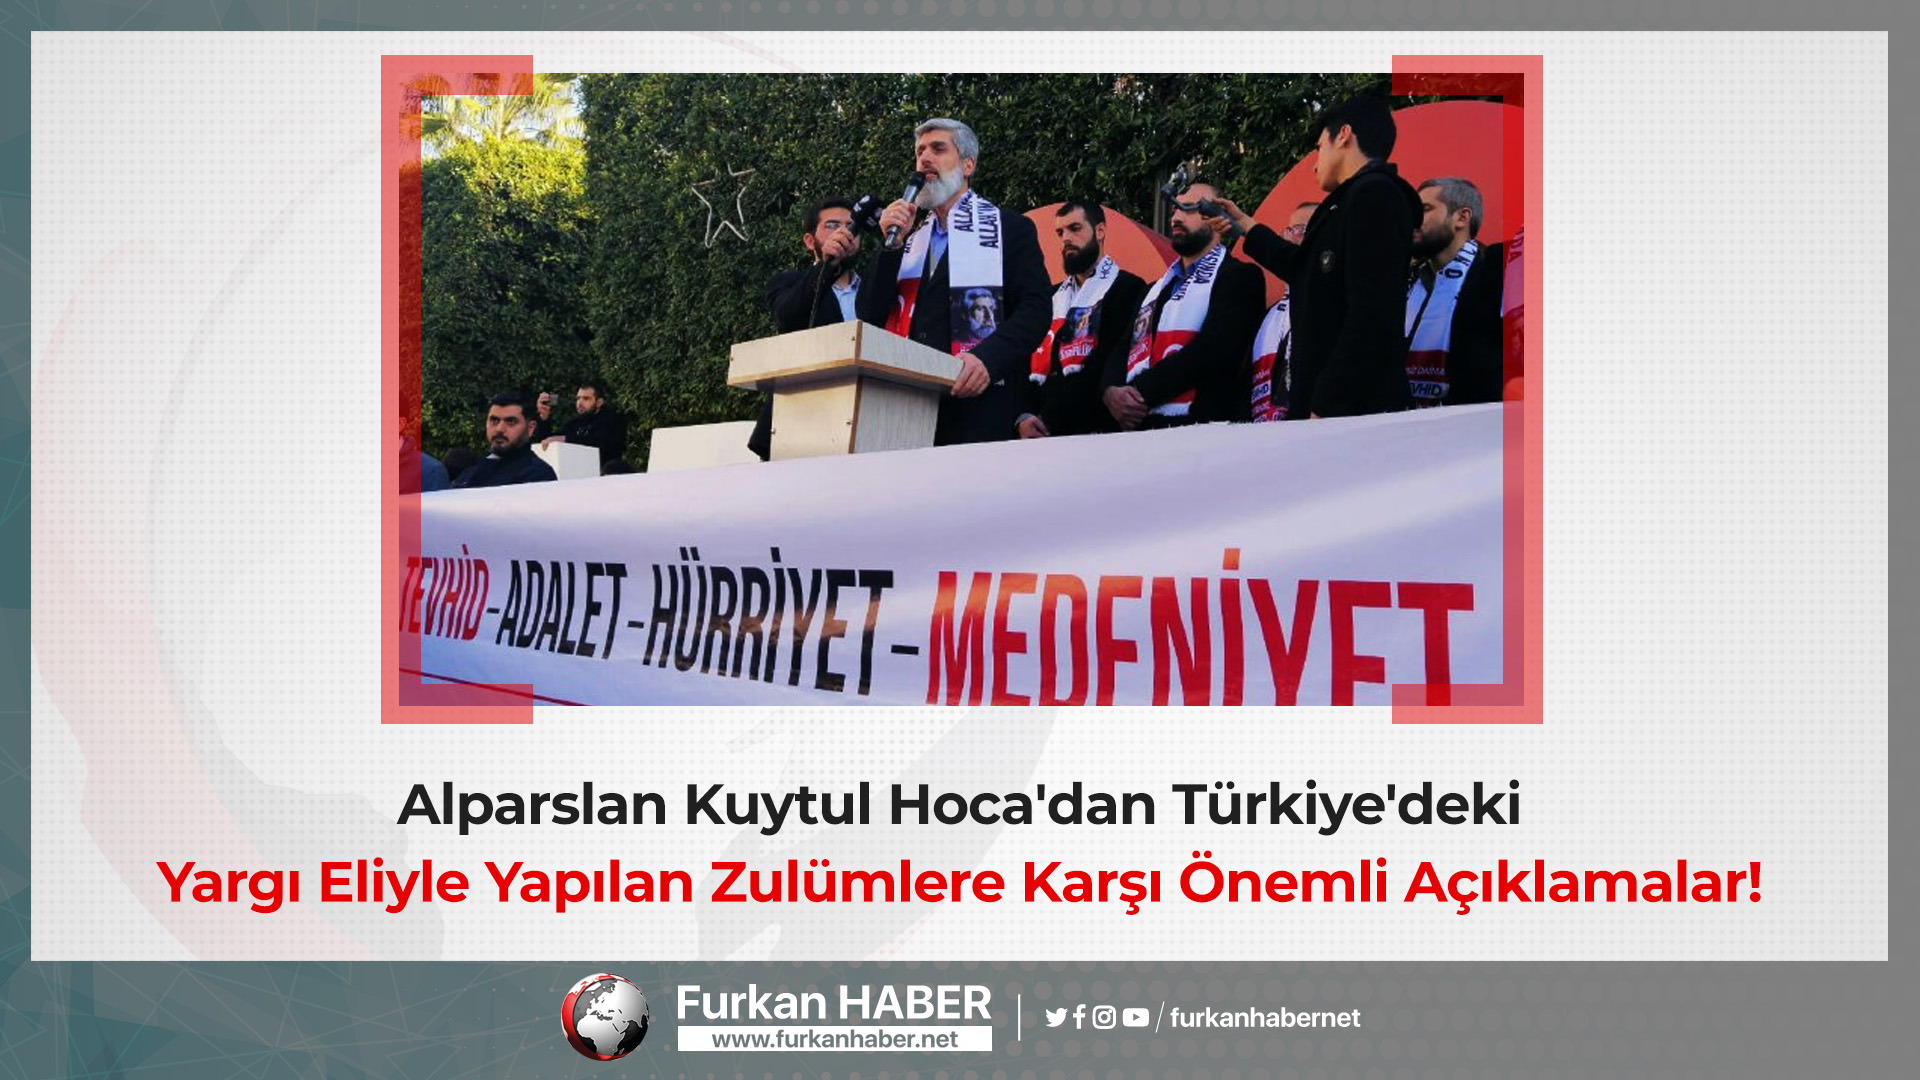 Alparslan Kuytul Hoca'dan Türkiye'deki Yargı Eliyle Yapılan Zulümlere Karşı Önemli Açıklamalar!